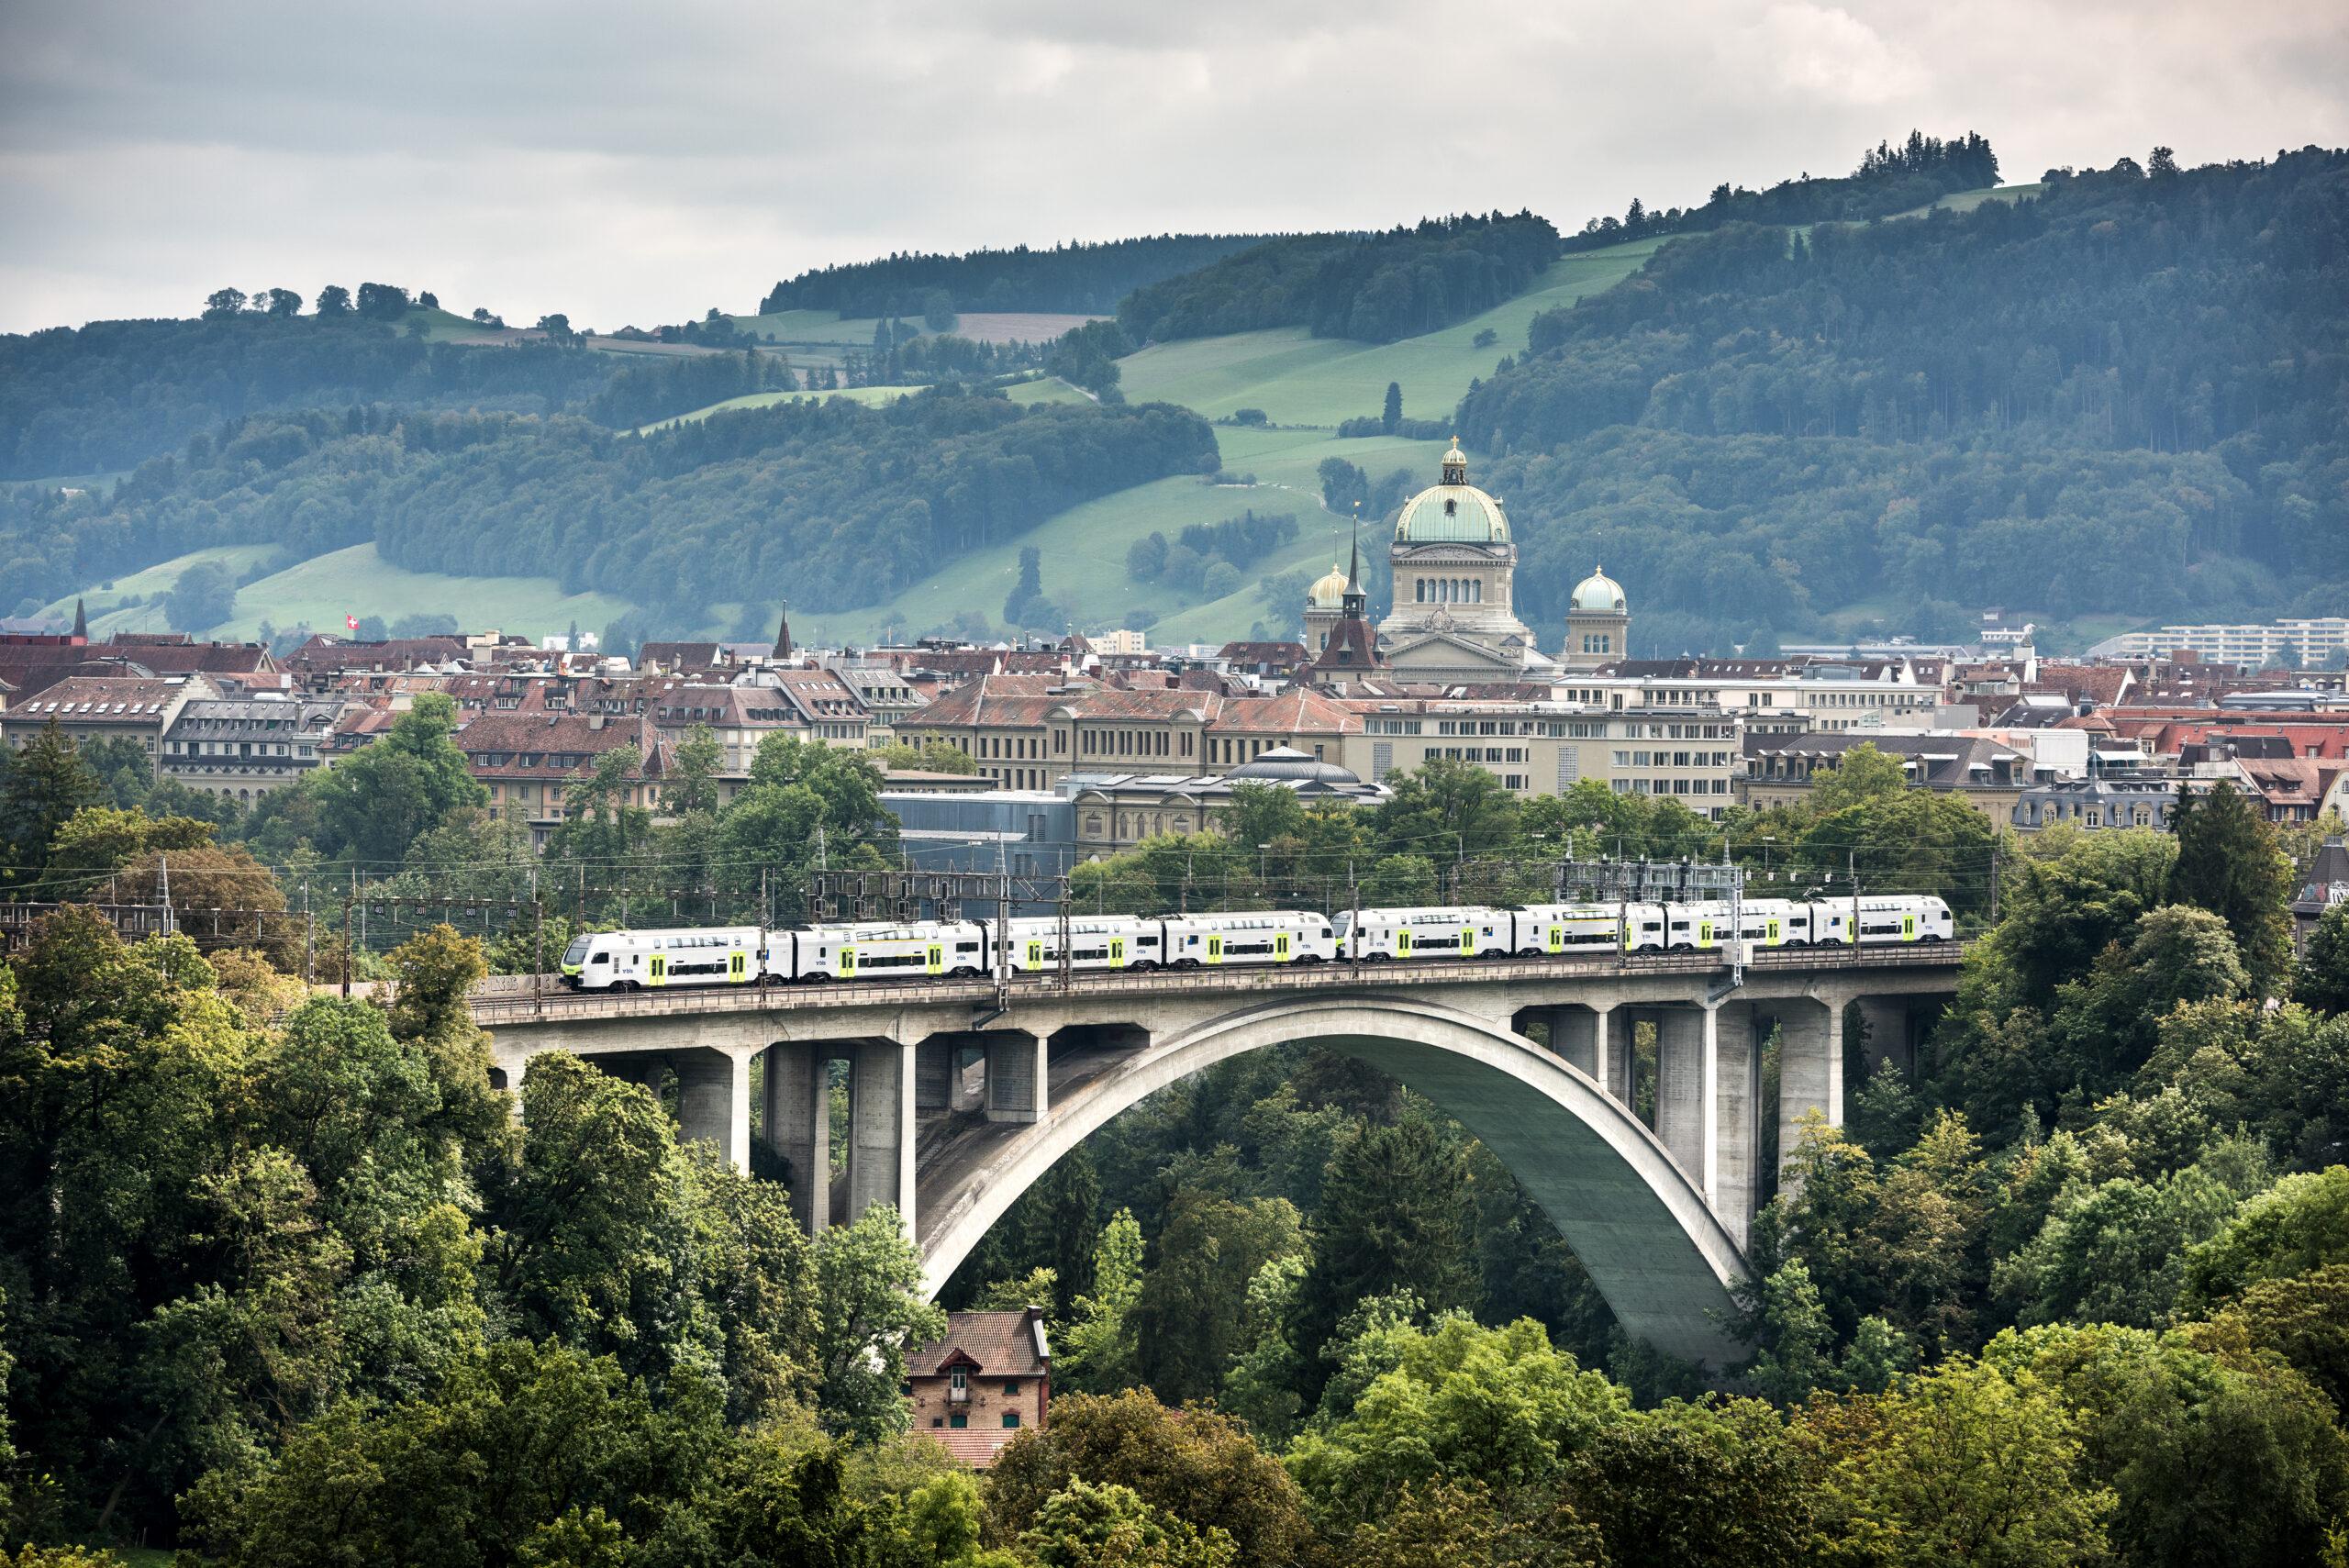 BLS MUTZ train on Lorraine Viaduct, Switerland